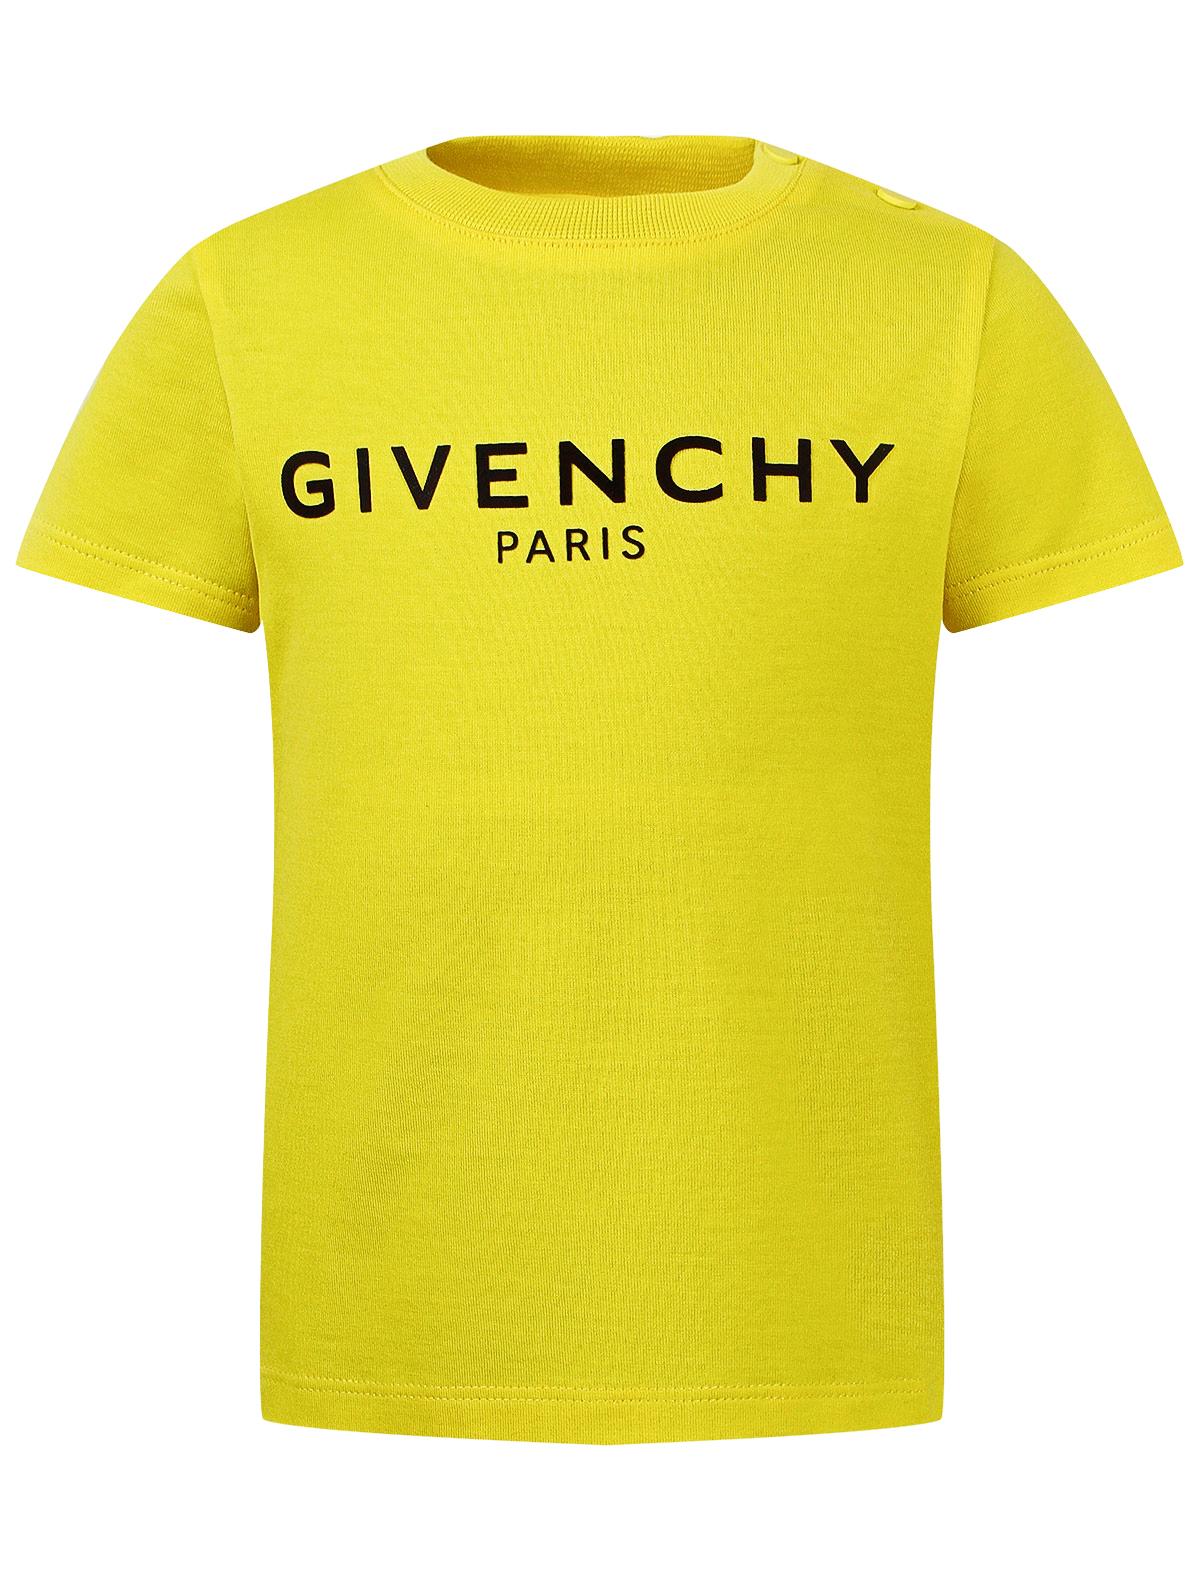 Купить 2160281, Футболка GIVENCHY, желтый, Мужской, 1132819070147